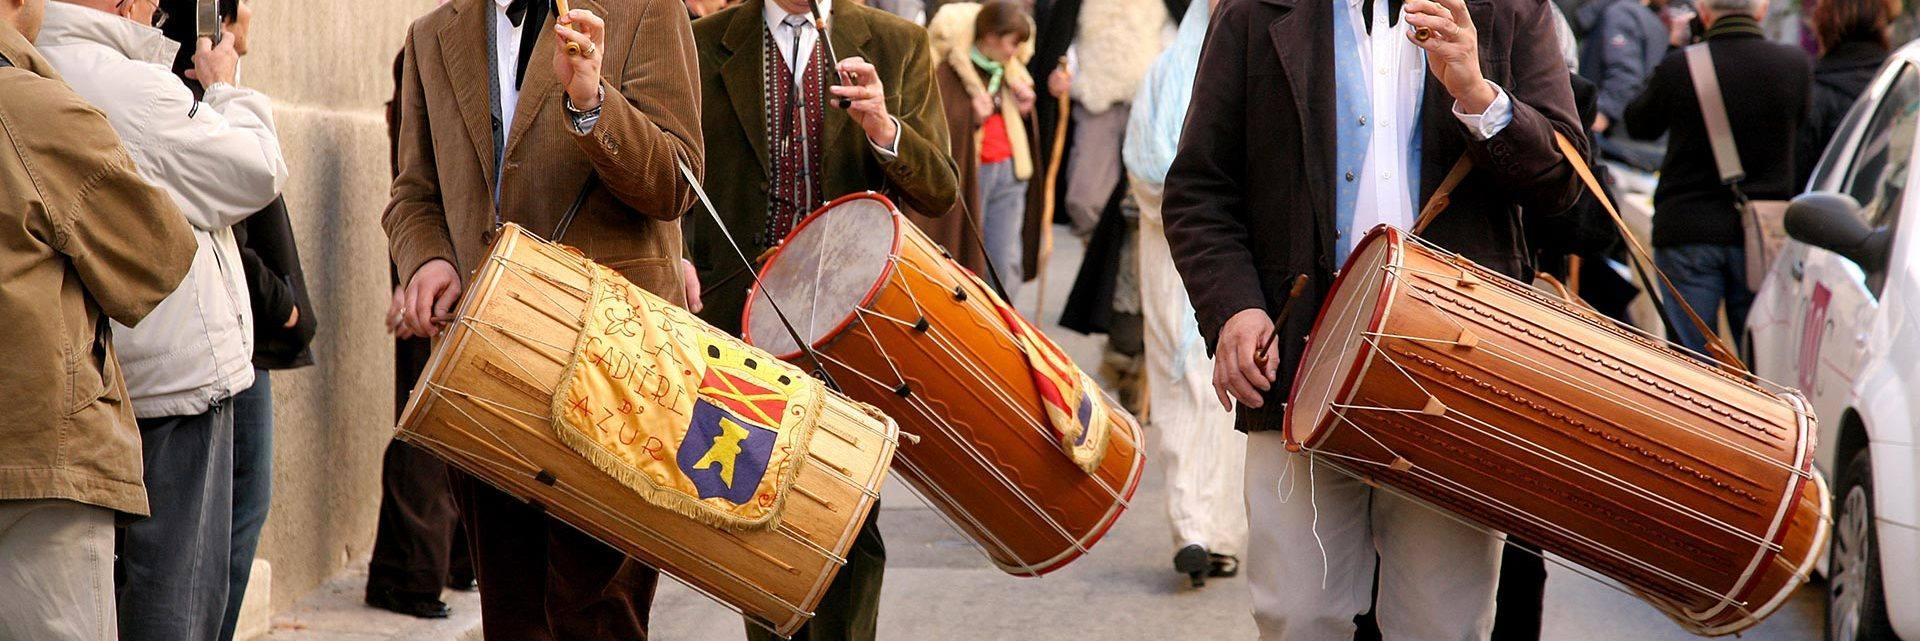 Santon festival in Cadière d'Azur